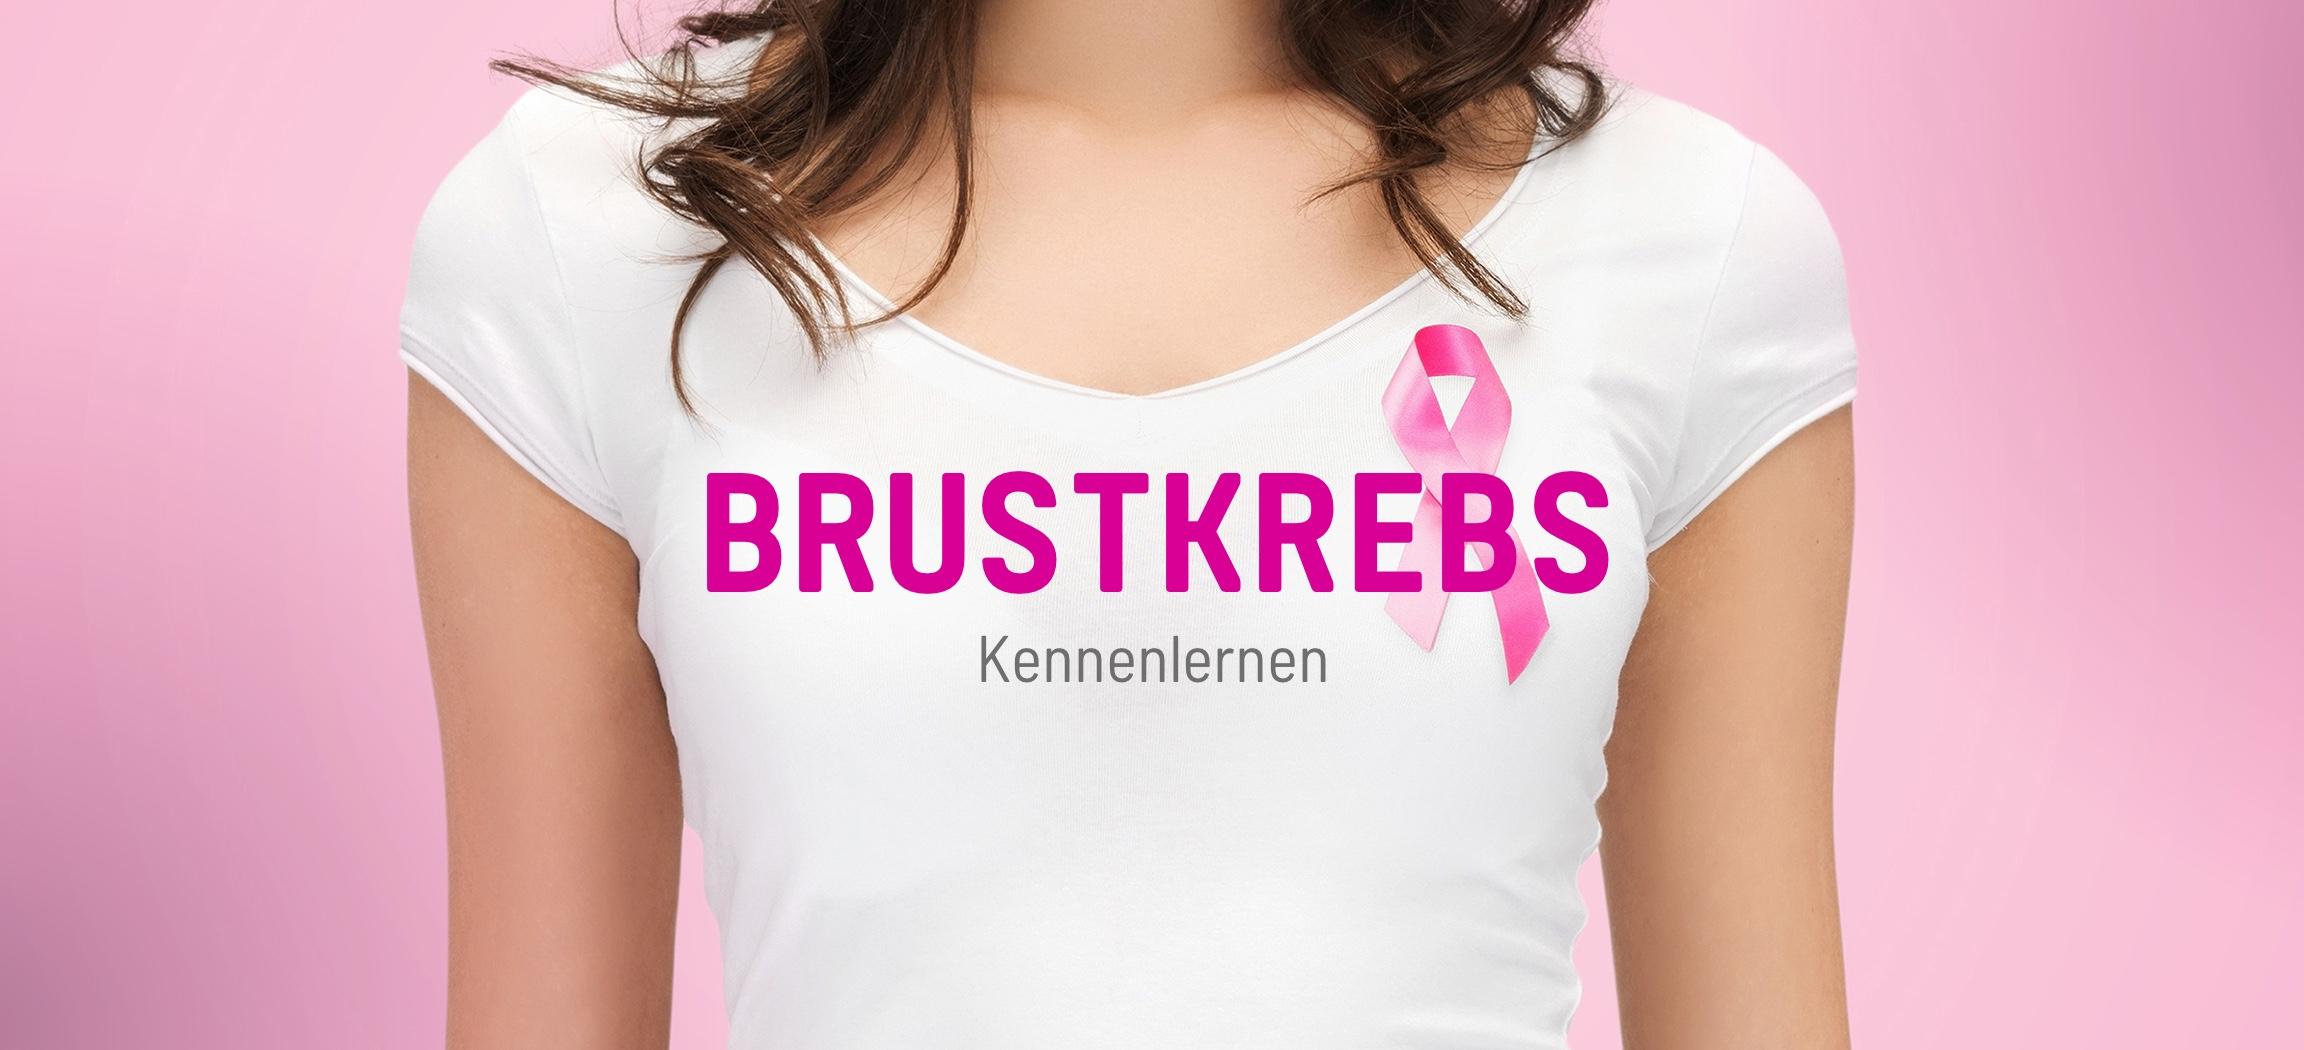 Brustkrebs kennenlernen und verstehen